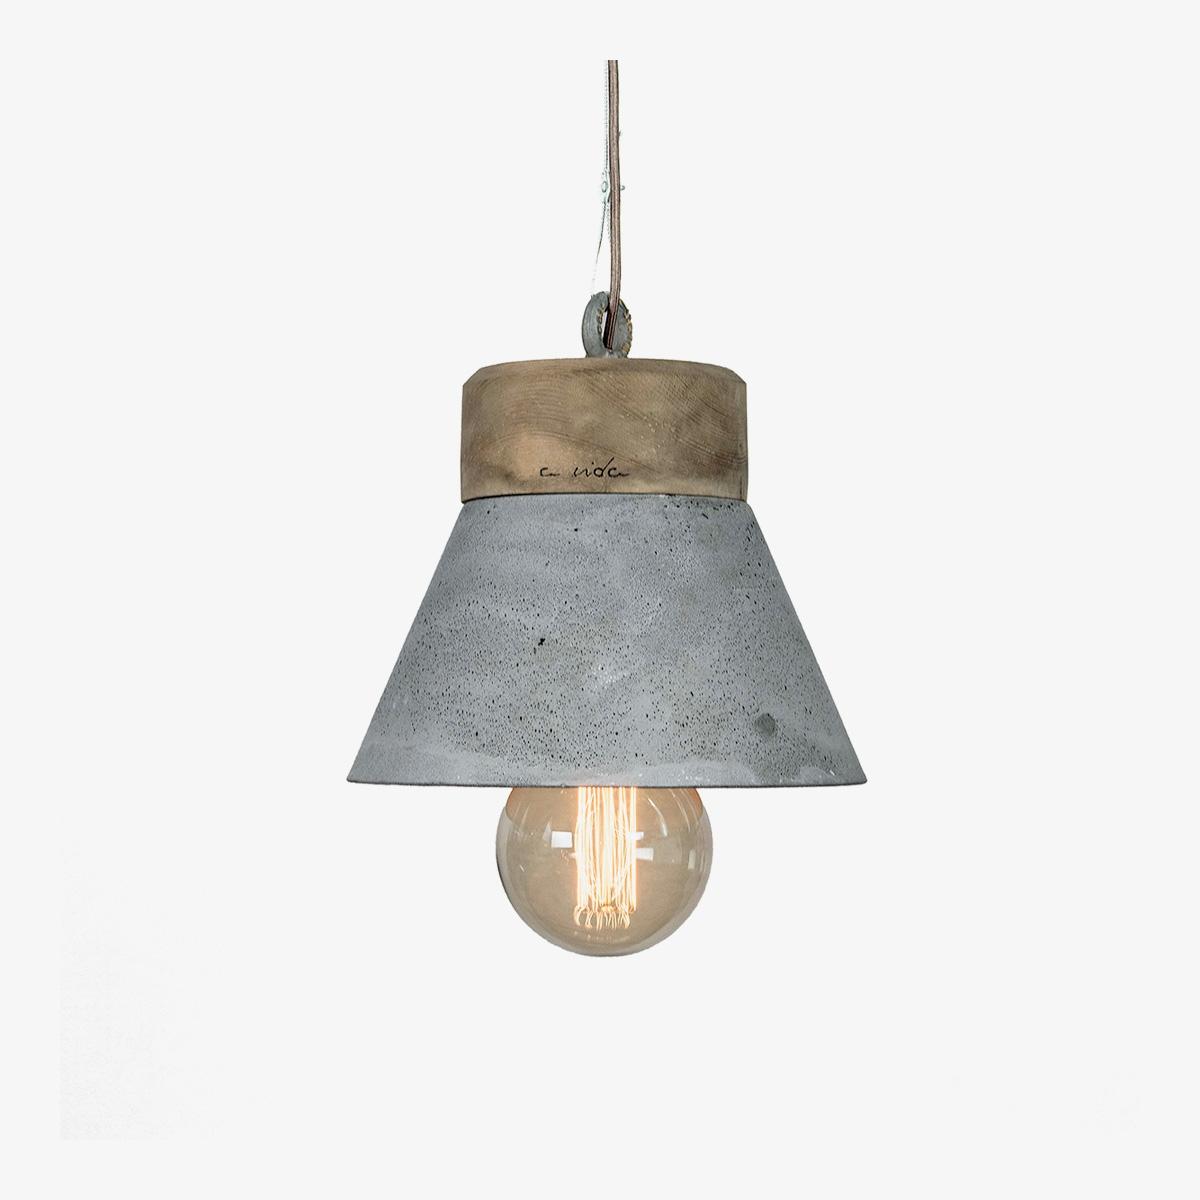 Lámpara colgante A Vida madeiro gris-0